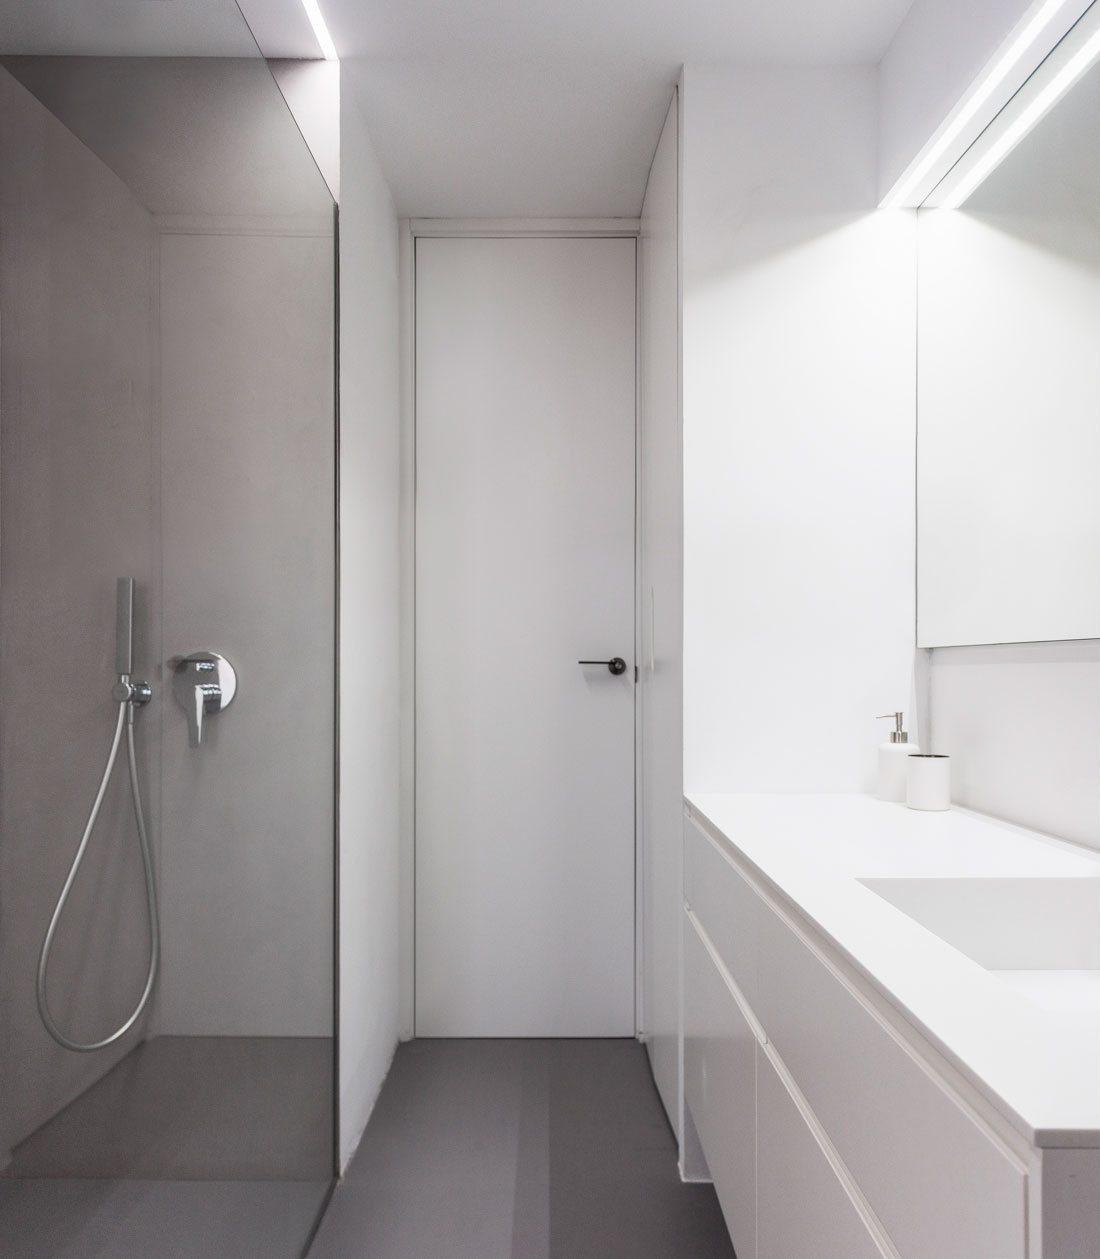 casa uno. cuarto de baño con suelo de microcemento y mobiliario de corian.